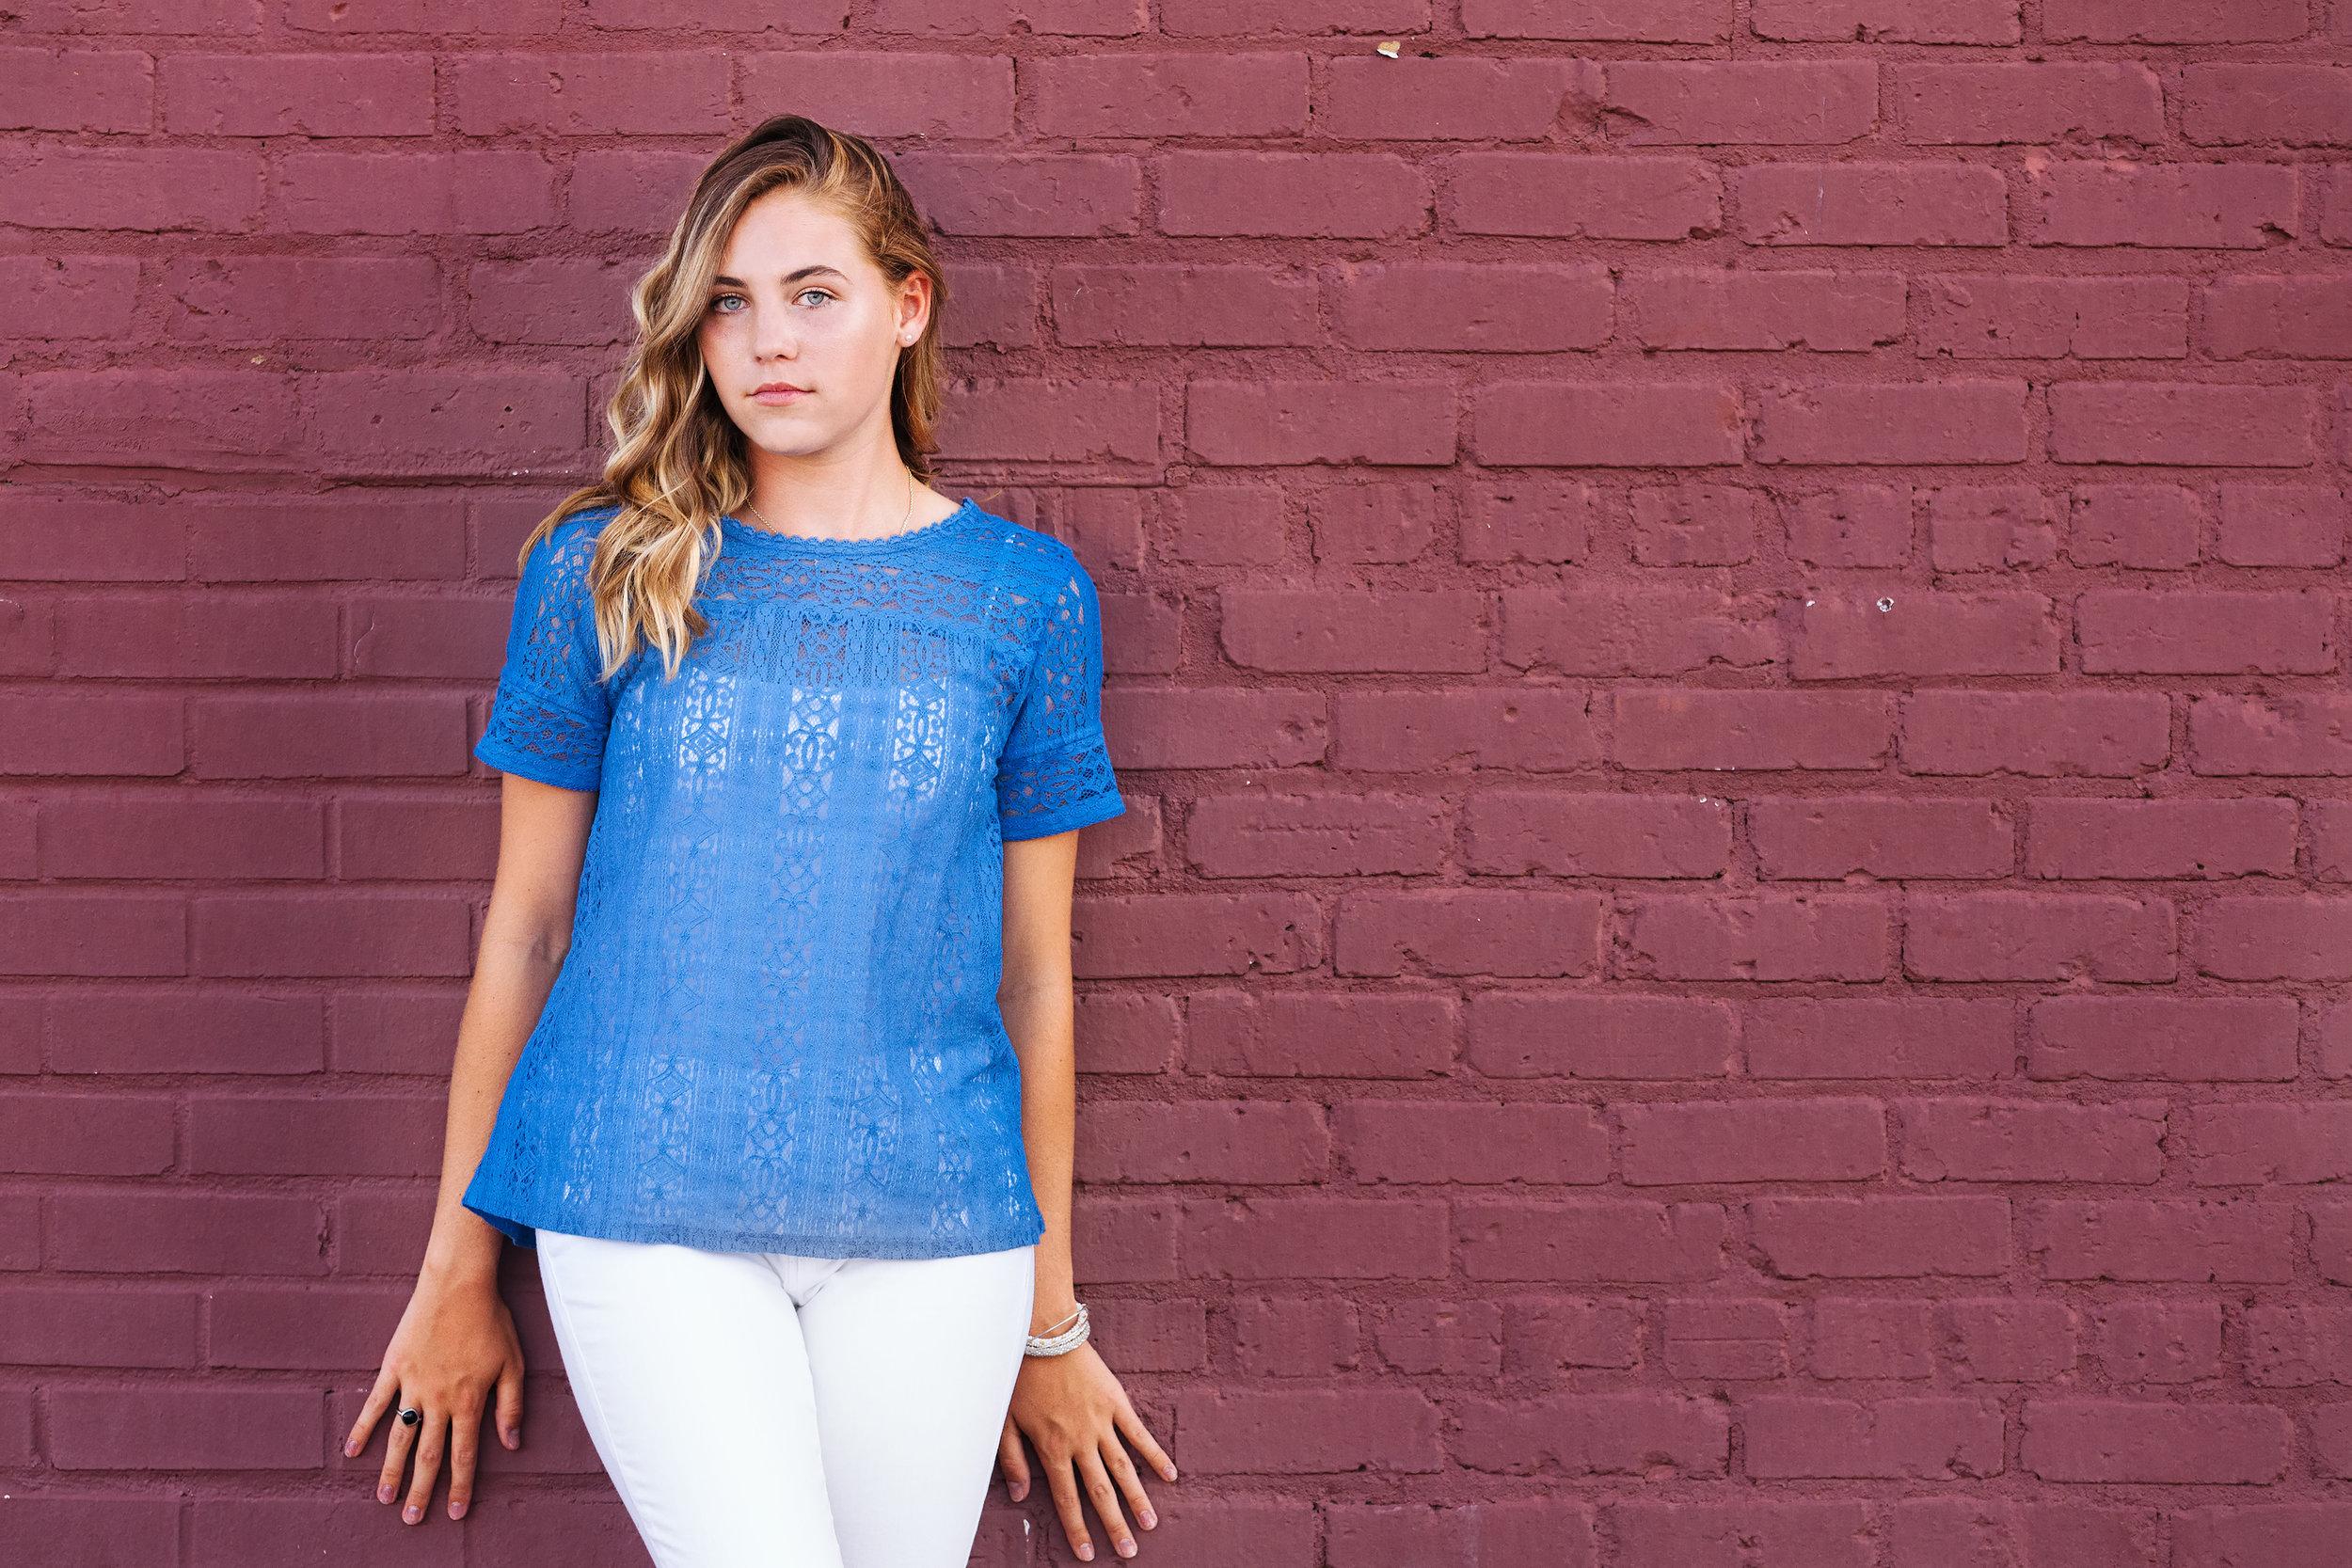 looking-at-camera-blue-shirt-maroon-wall.jpg